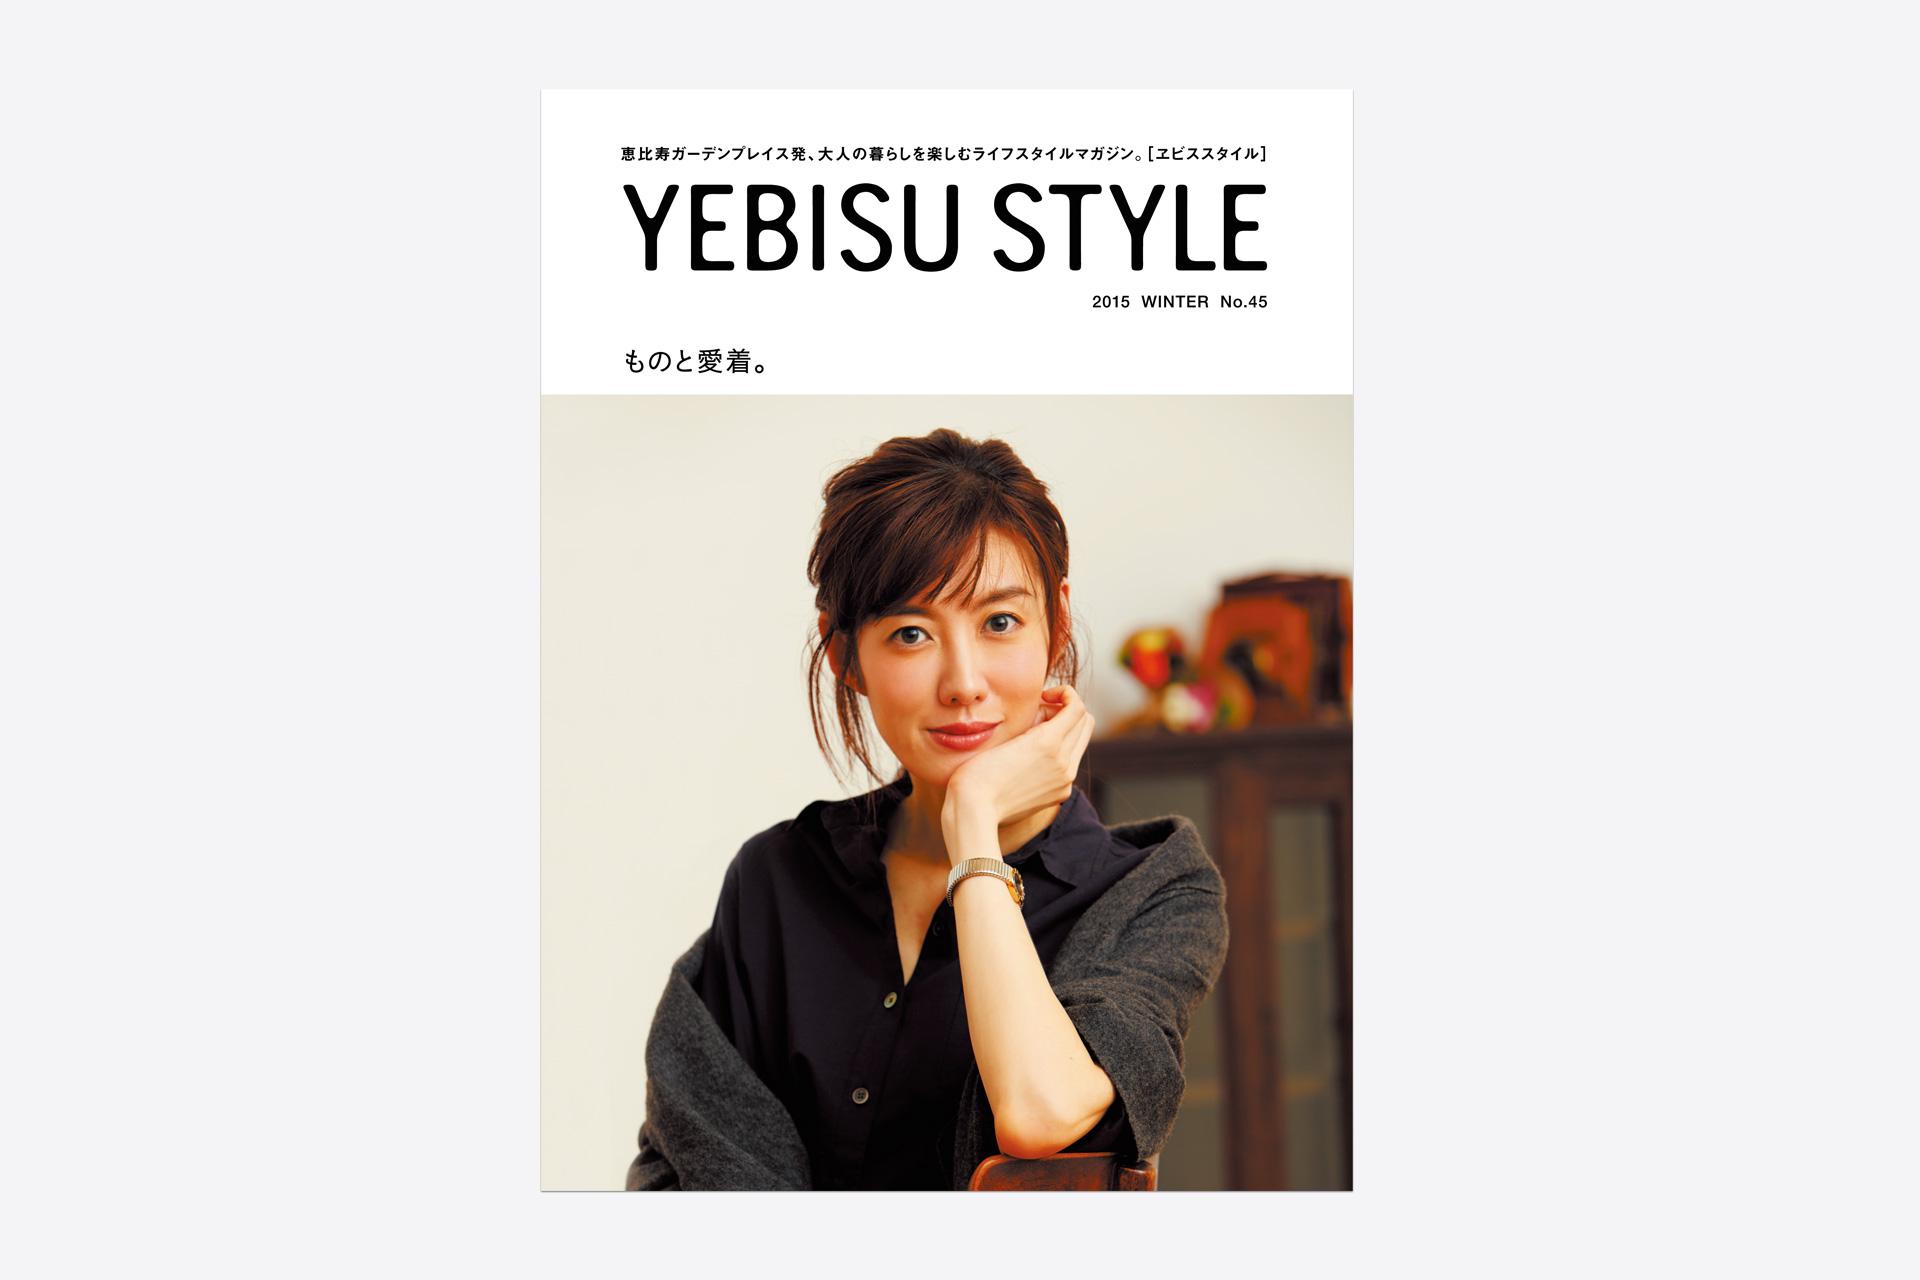 YEBISU STYLE vol.45